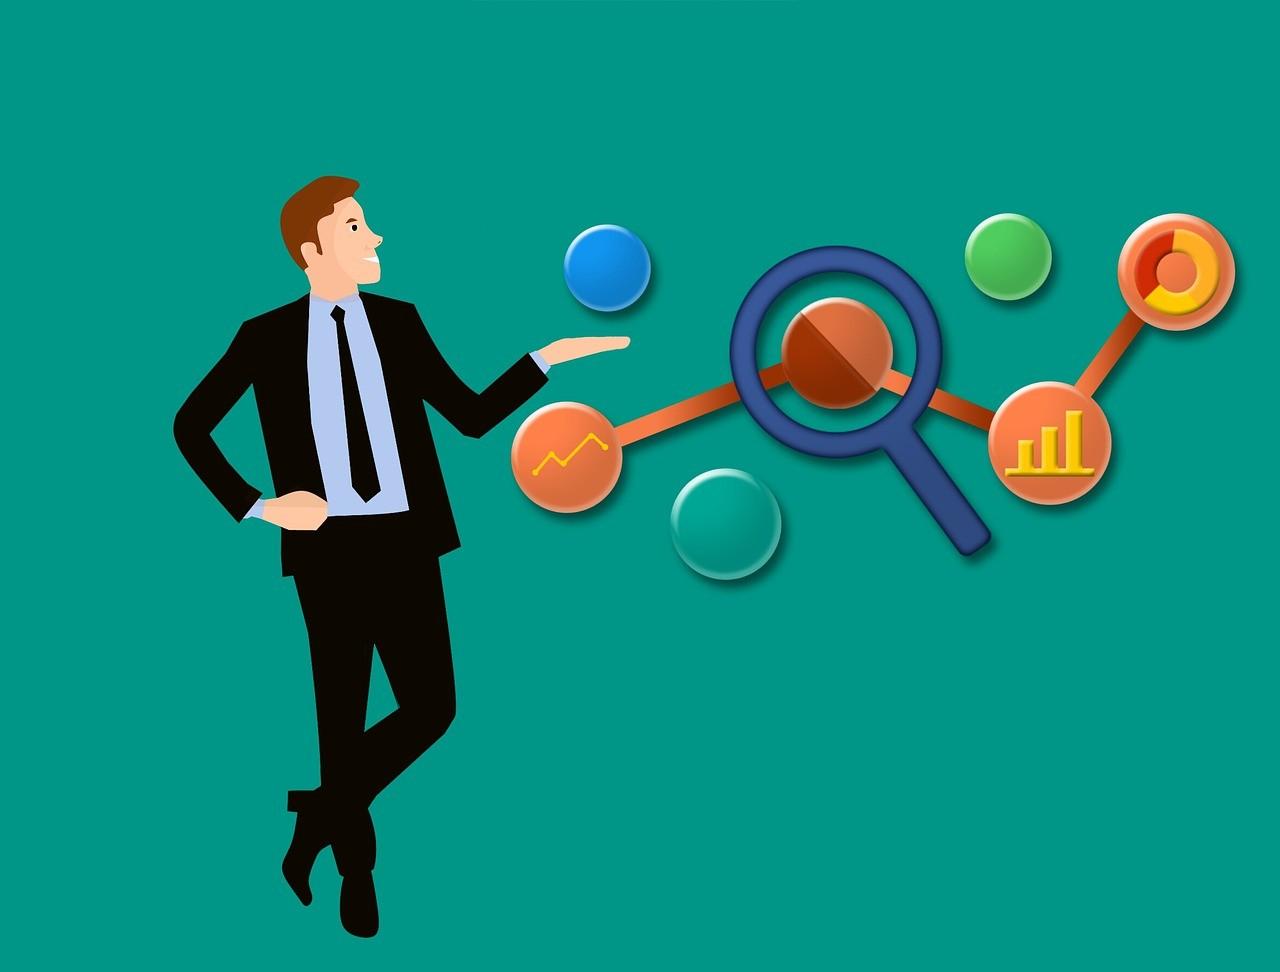 analizar trafico web competencia|tráfico web alexa|tráfico web|tráfico web